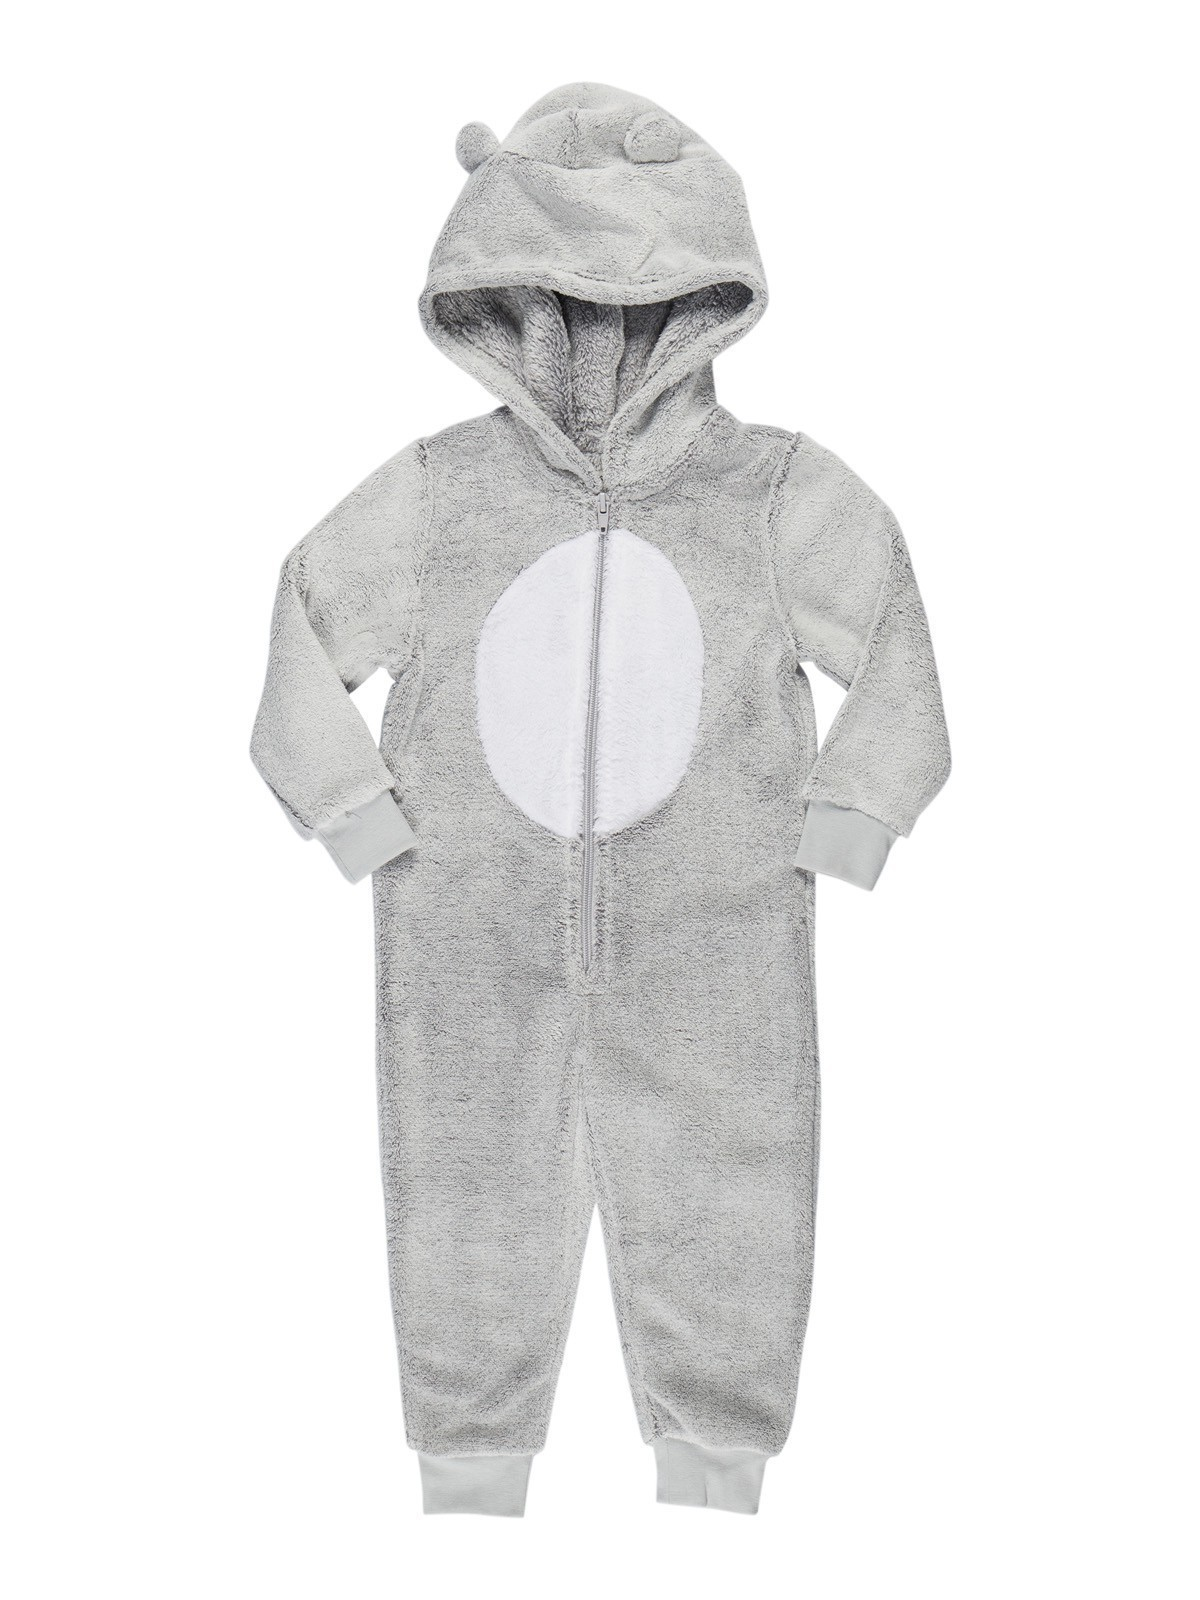 8e96b8d395439 Combinaison pyjama garçon (3-6A) - DistriCenter